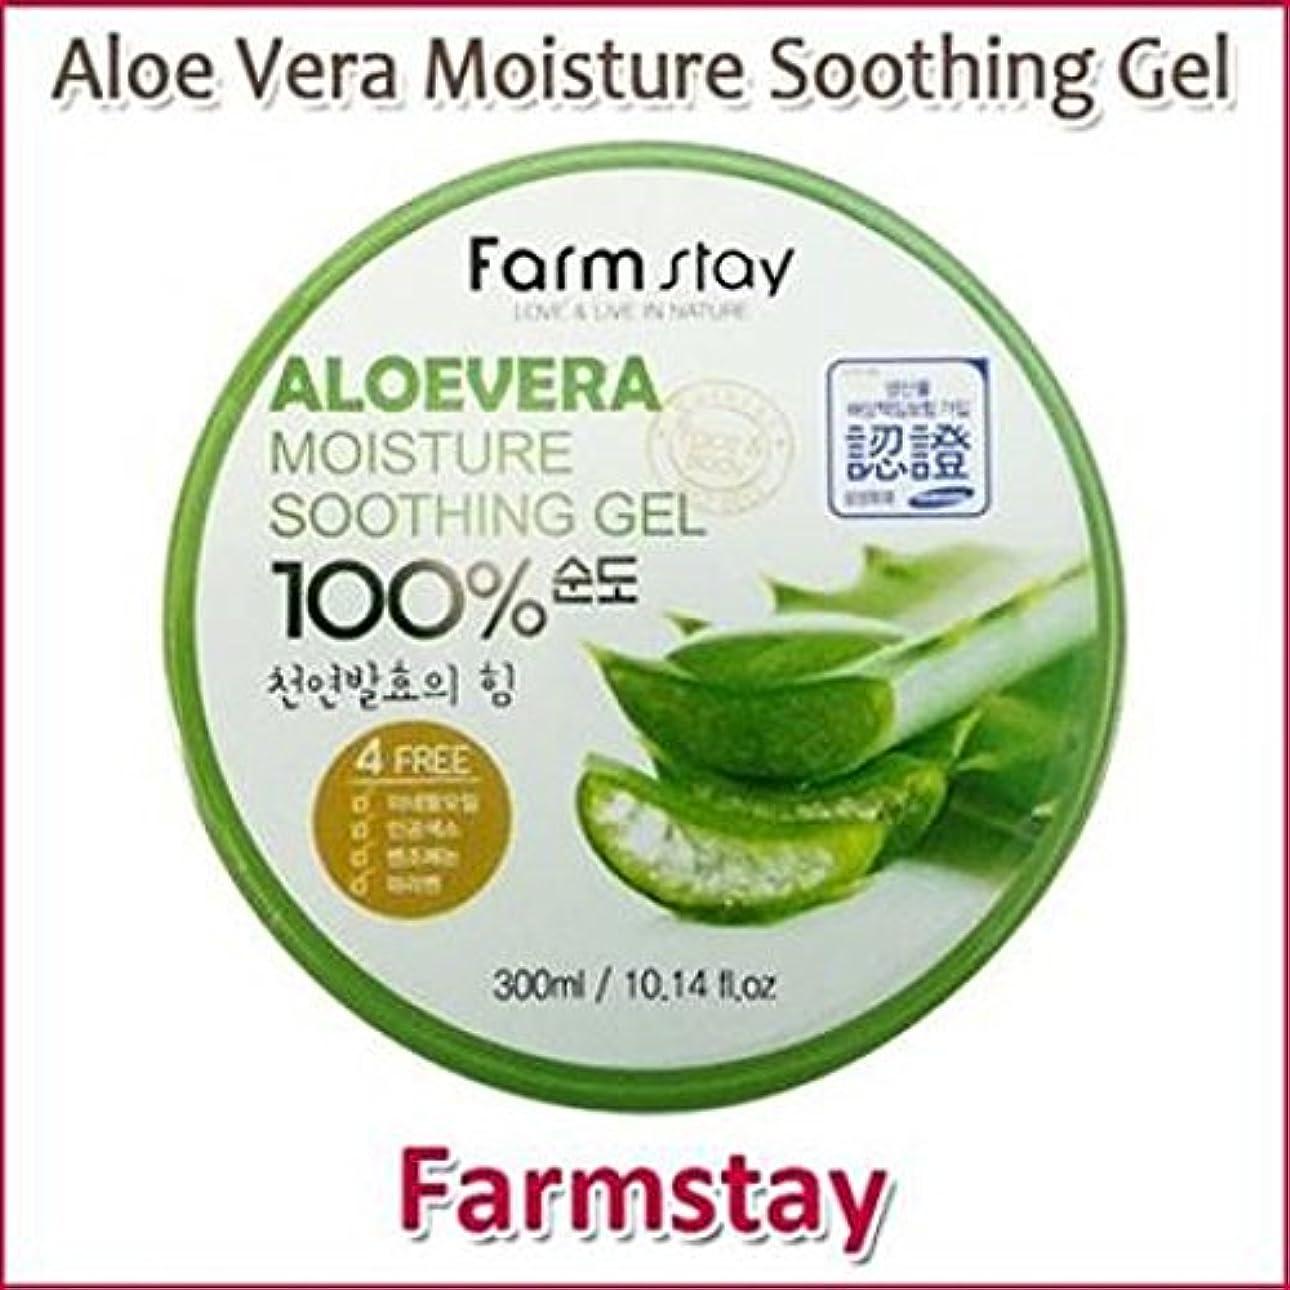 再現する駅天気Farm Stay Aloe Vera Moisture Soothing Gel 300ml /オーガニック アロエベラゲル 100%/保湿ケア/韓国コスメ/Aloe Vera 100% /Moisturizing [...